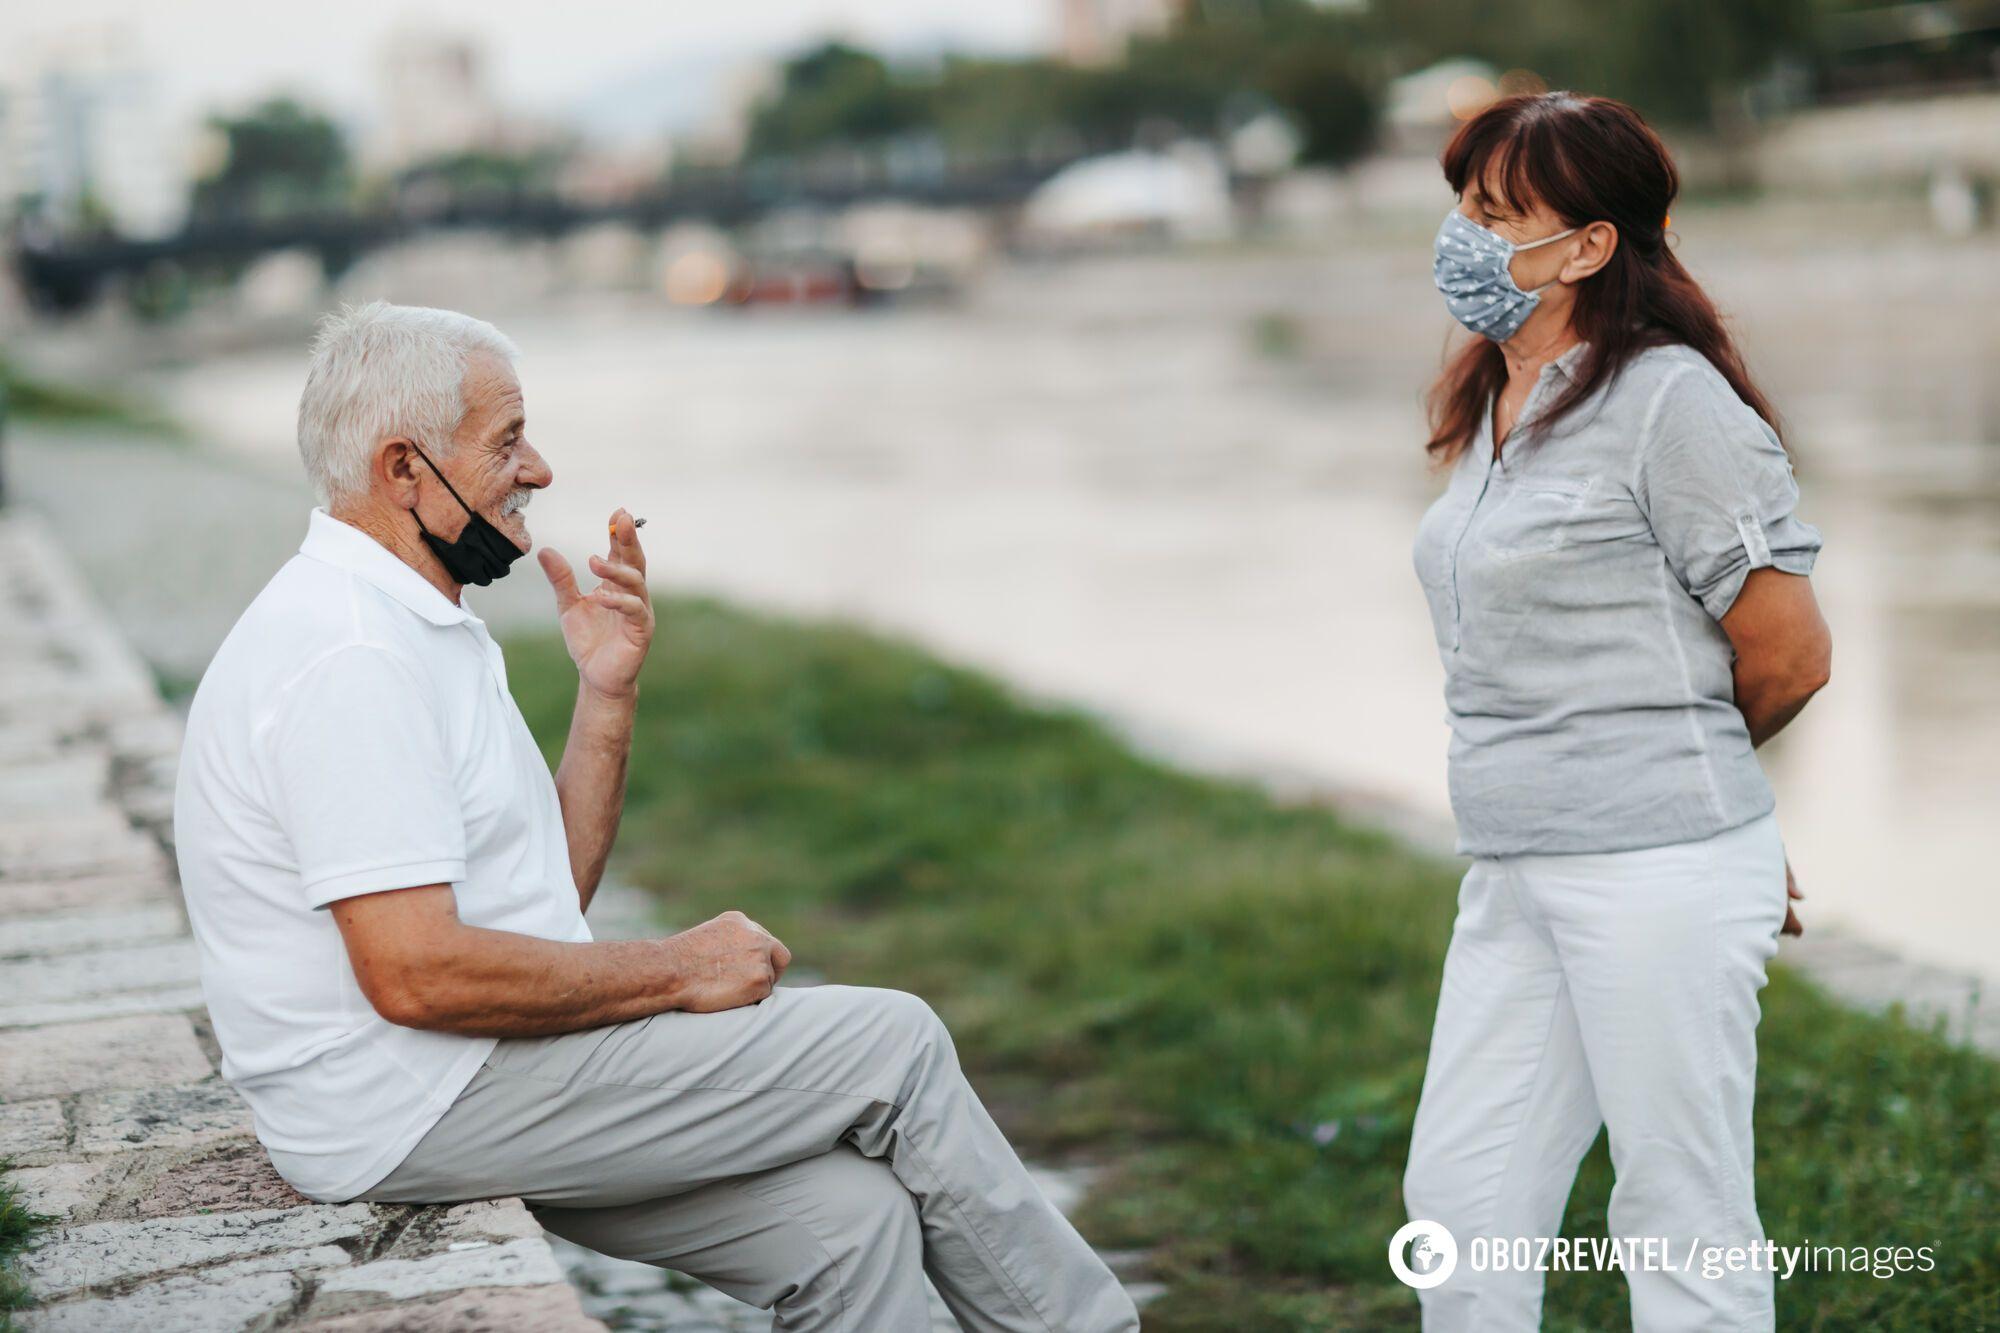 Курильщики не являются потенциально более заразными носителями вируса, чем некурящие